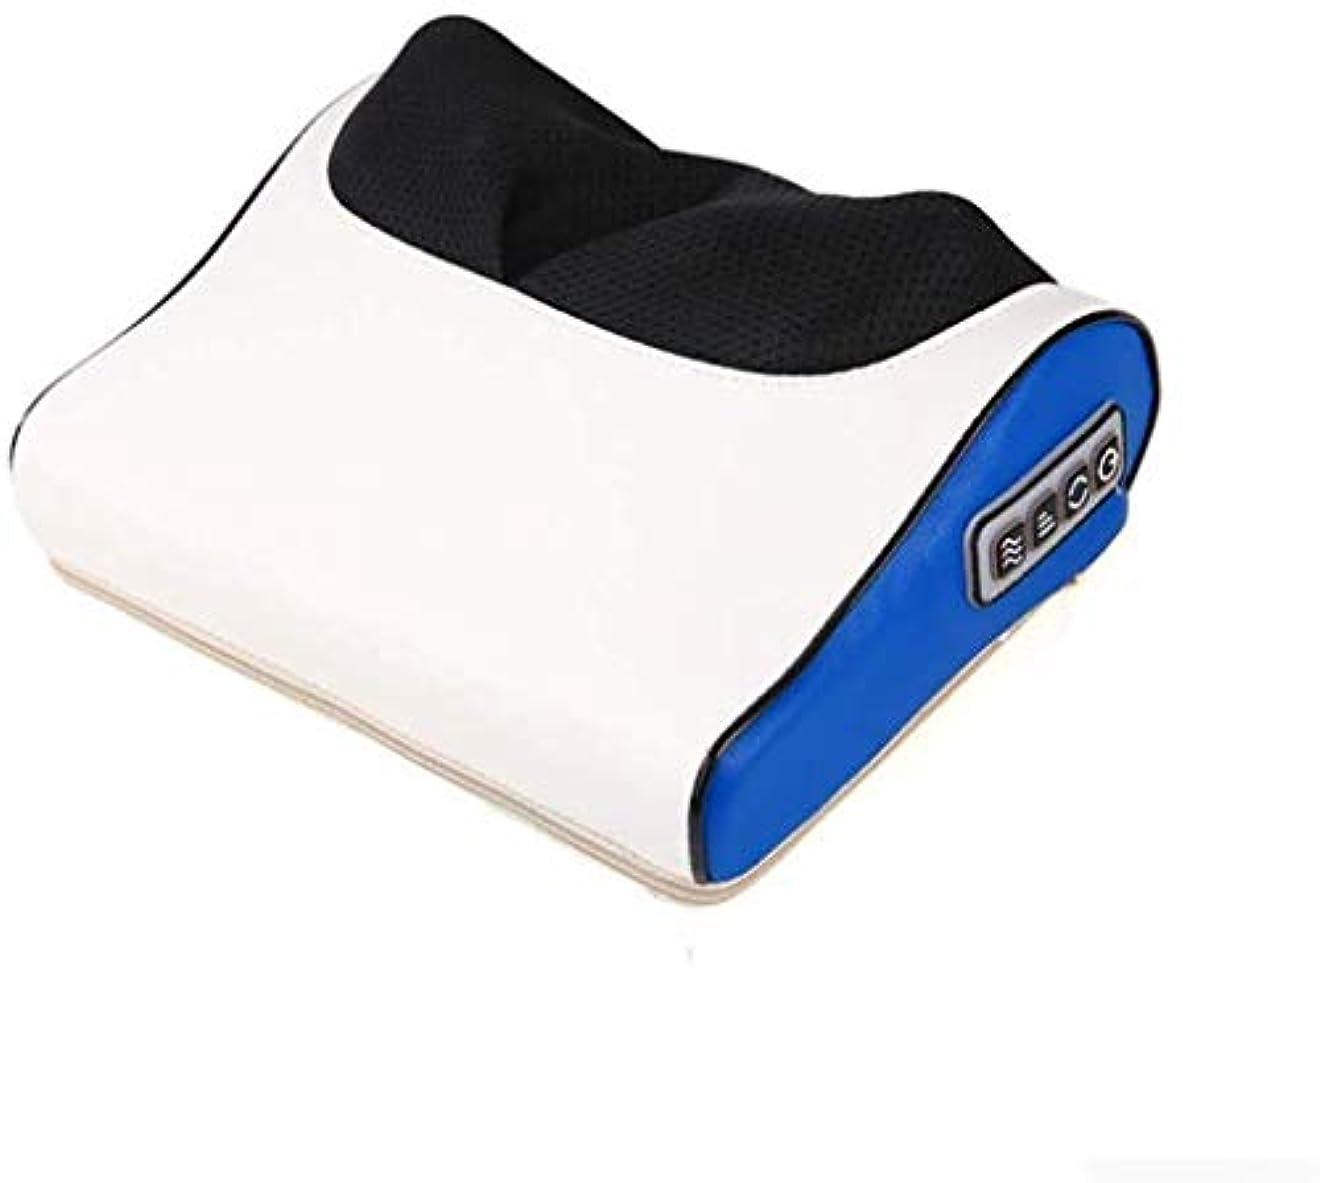 帝国よりタブレットマッサージ枕、赤外線/温水首/肩/戻る電気マッサージ、指圧マッサージ機器、痛み/ストレスを解消、疲労を和らげます (Color : 青, Size : One size)